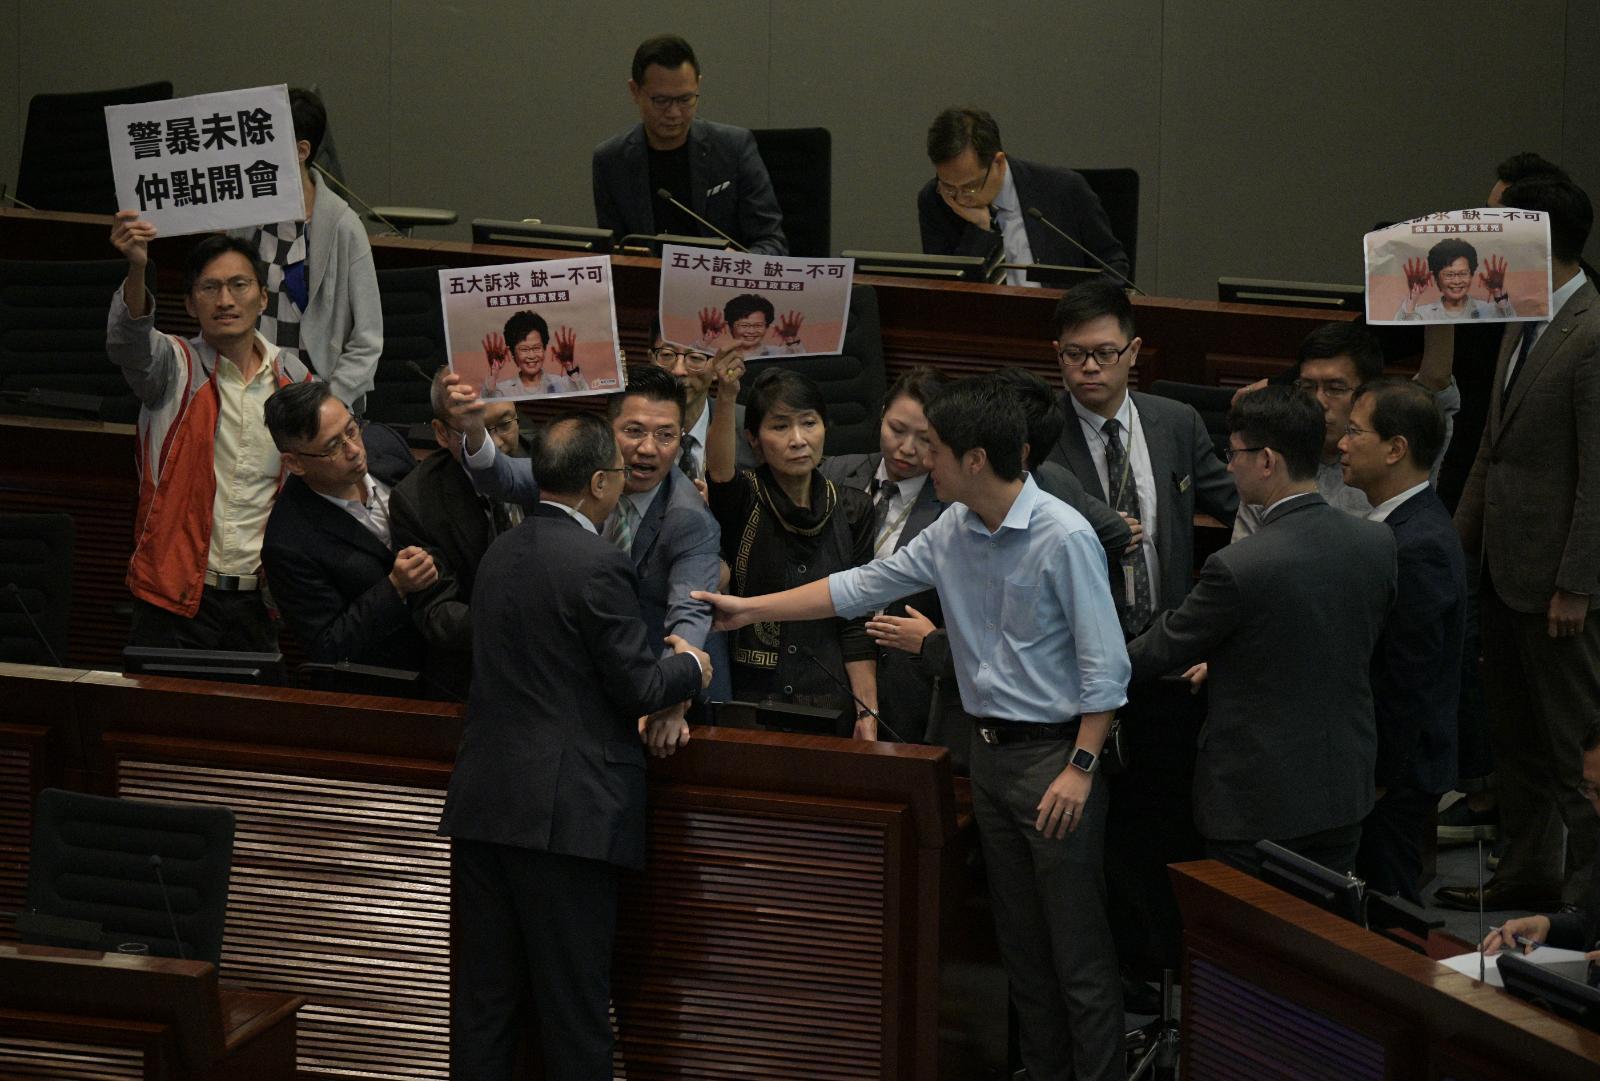 【修例风波】陈健波当选立会财委会主席 冀立法会能有规矩做事令香港重回正轨